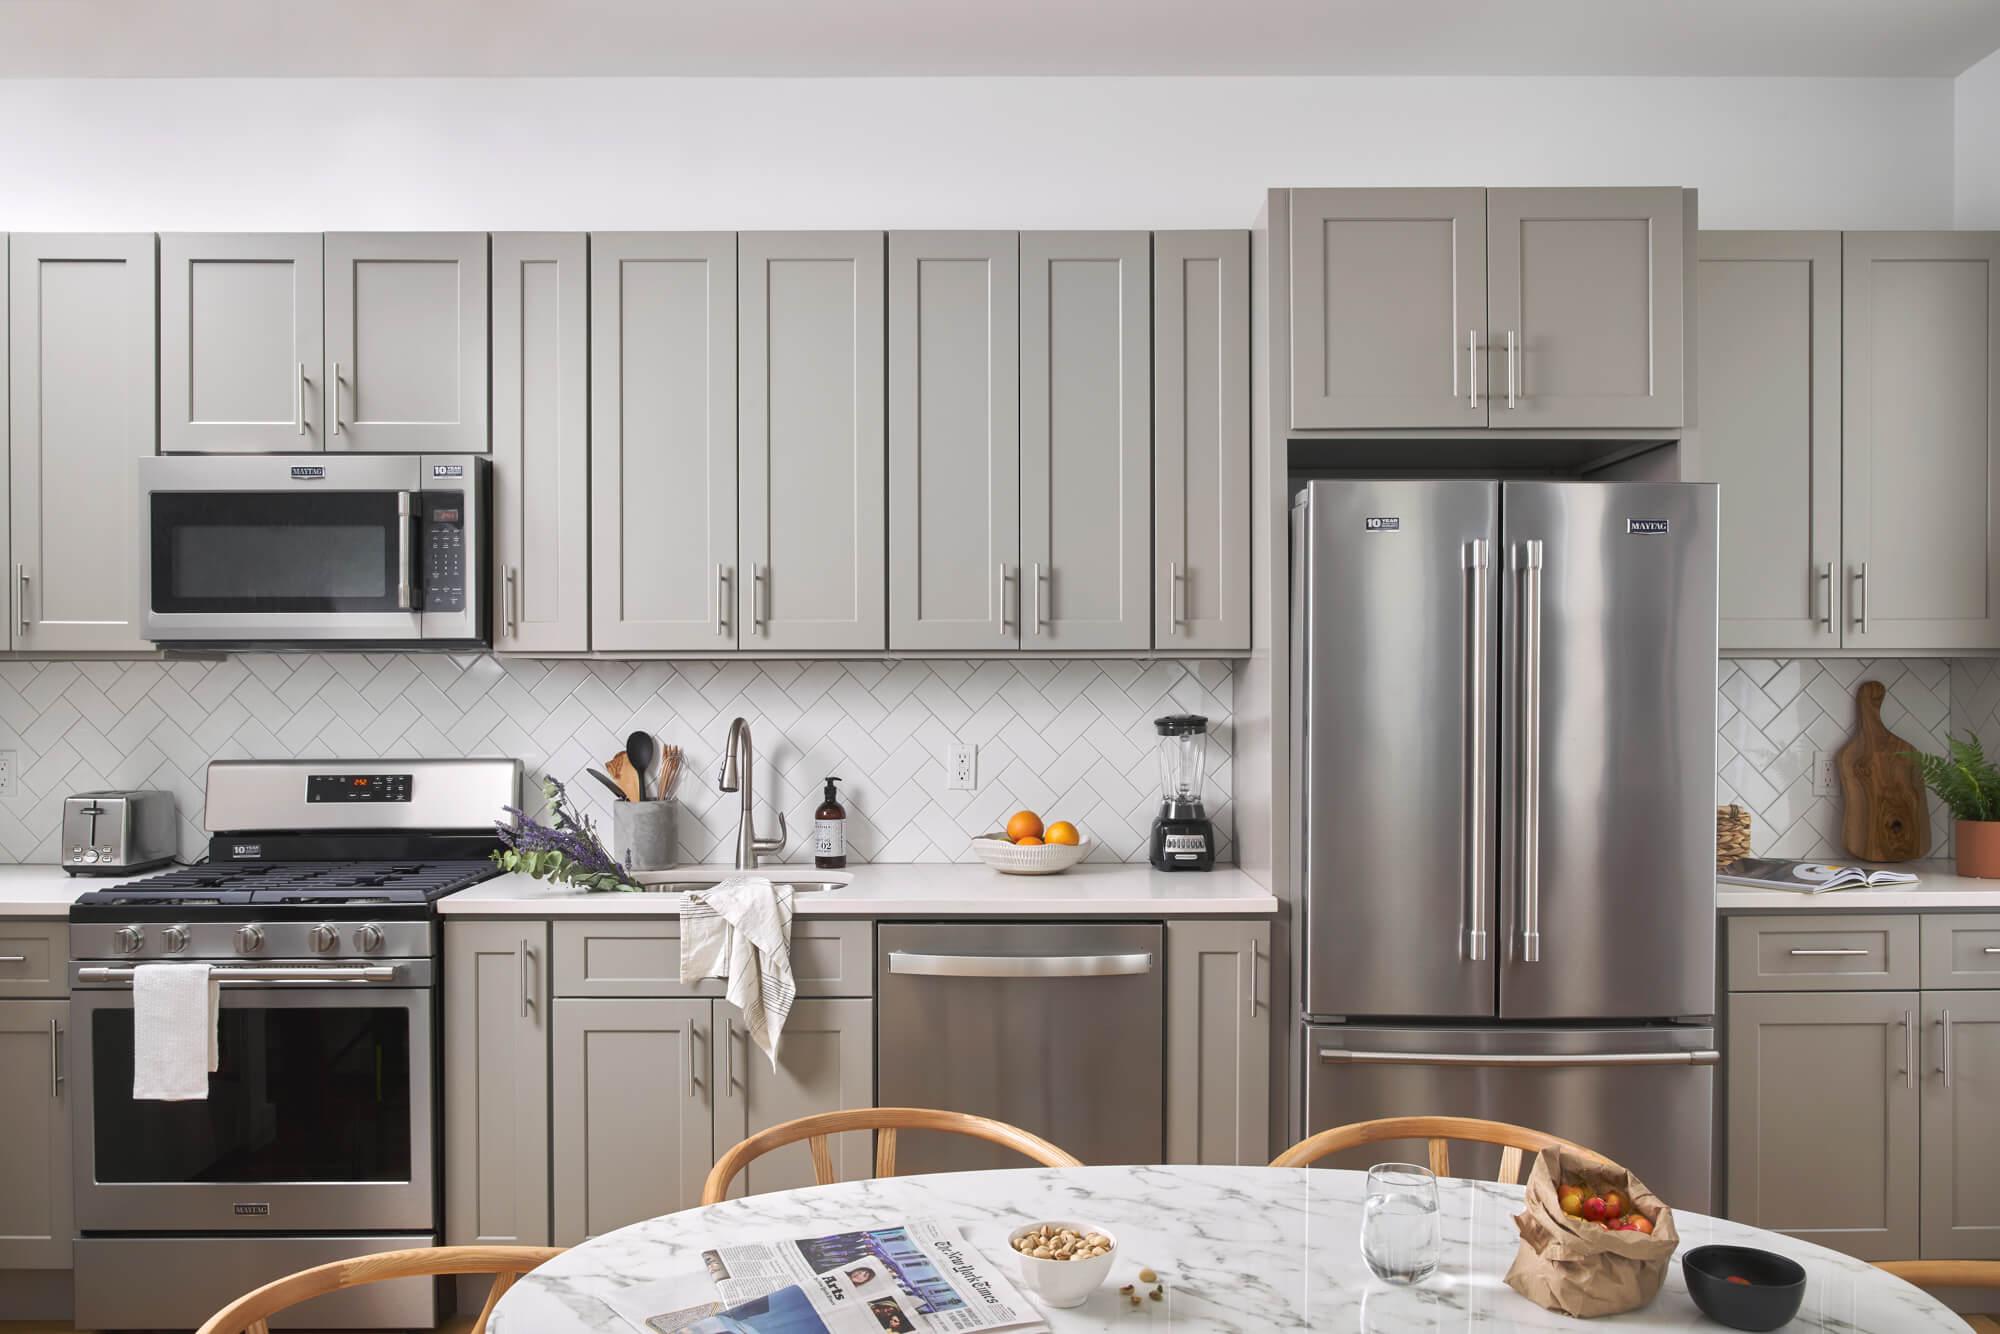 putnam kitchen